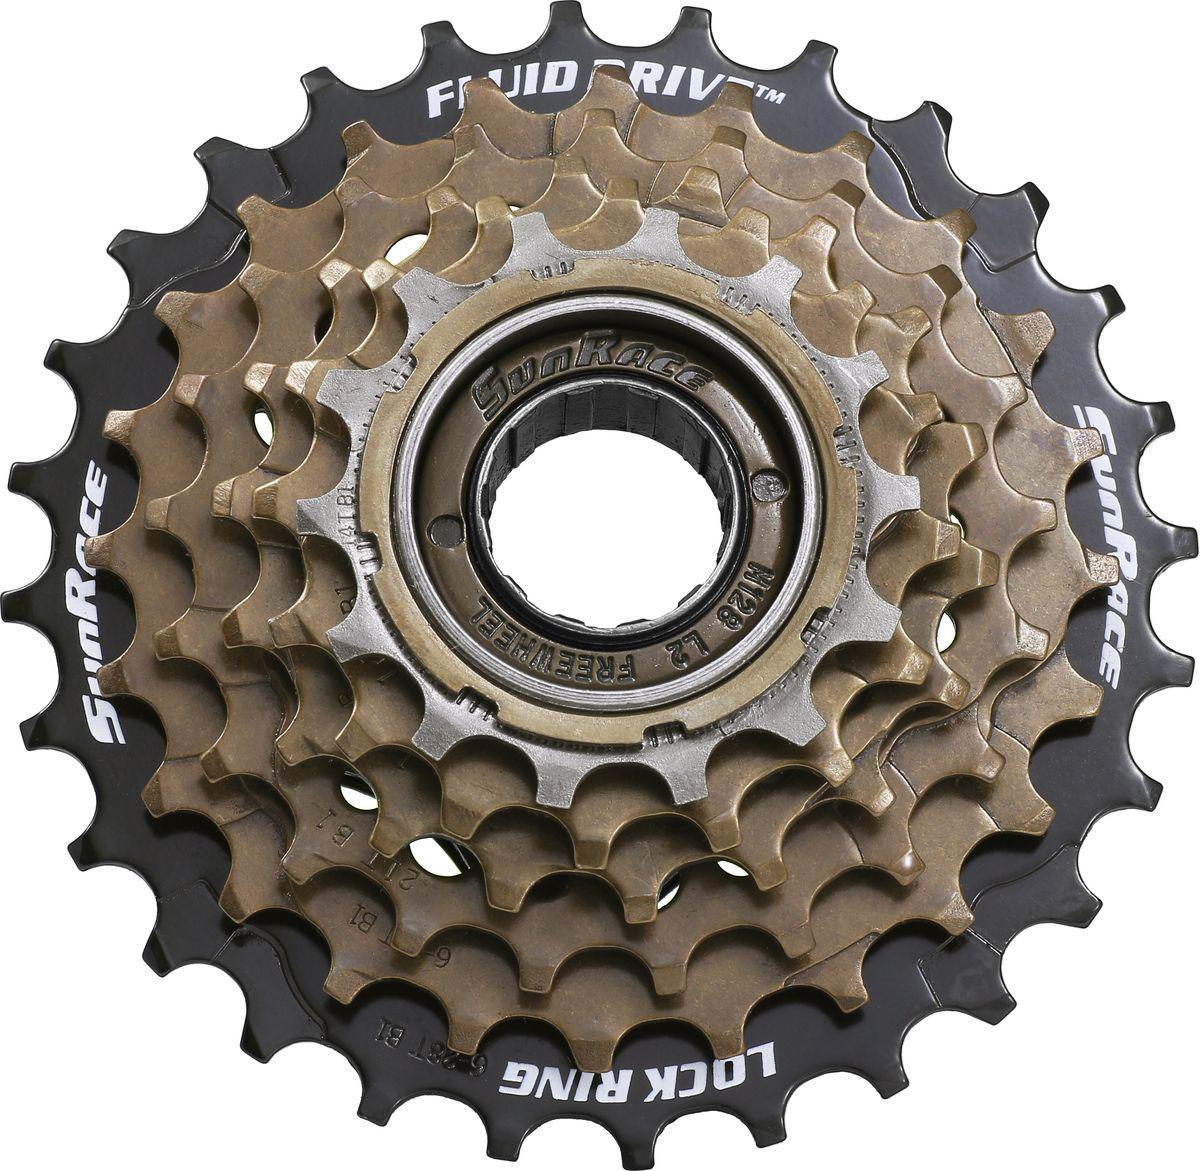 Трещотка Bike Attitude M2A6DS, 6 скоростейDMF6-M2A6DS-42801Классическая трещотка на 6 скоростей. Подходит для задних втулок велосипедов на 6 скоростей трещоточного типа. Набор высокопрочных стальных звезд дают максимально широкий диапазон передаточных чисел, комфортный практически при любом стиле езды.• 6 скоростей• Набор звезд 14-16-18-21-24-28• Для задних втулок трещоточного типаBIKE ATTITUDE – это крупнейший Тайваньский производитель высококачественных велосипедных аксессуаров и запчастей. Уже более 10-и лет Bike Attitude представляет свои товары в 15 странах мира.